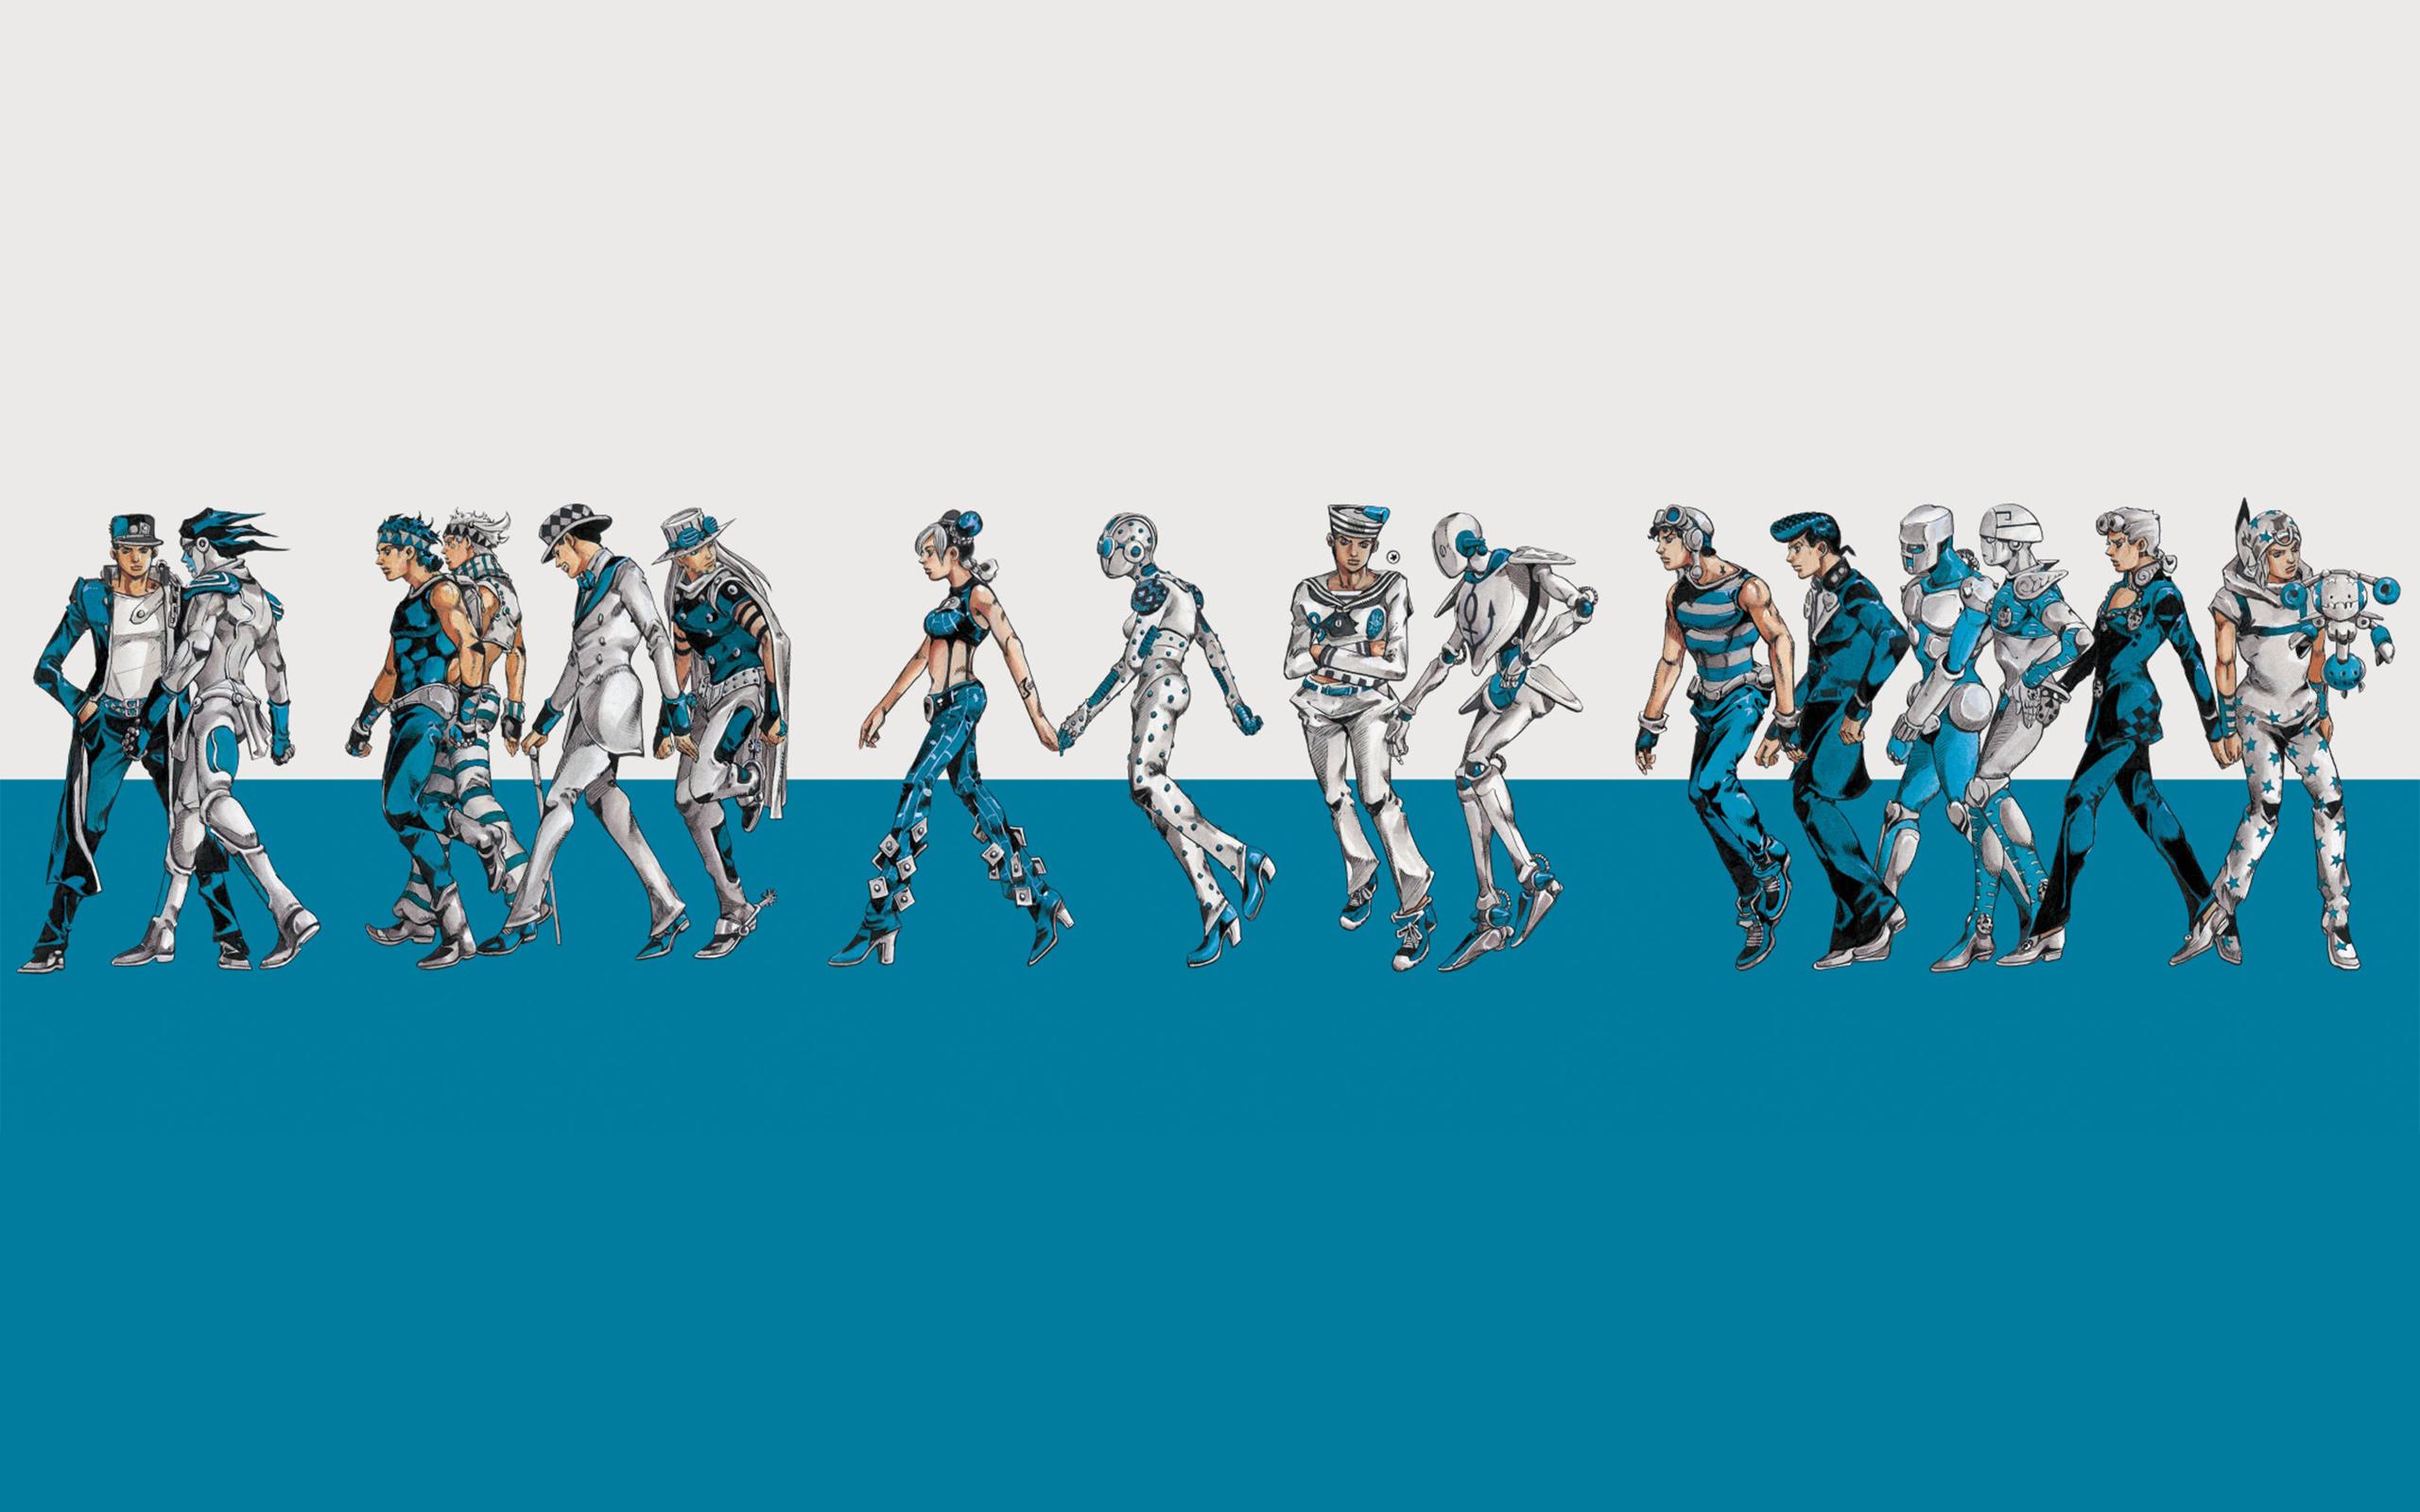 【ベストセレクション】 Jojo 壁紙 - 最高のHD壁紙画像 - Arnold